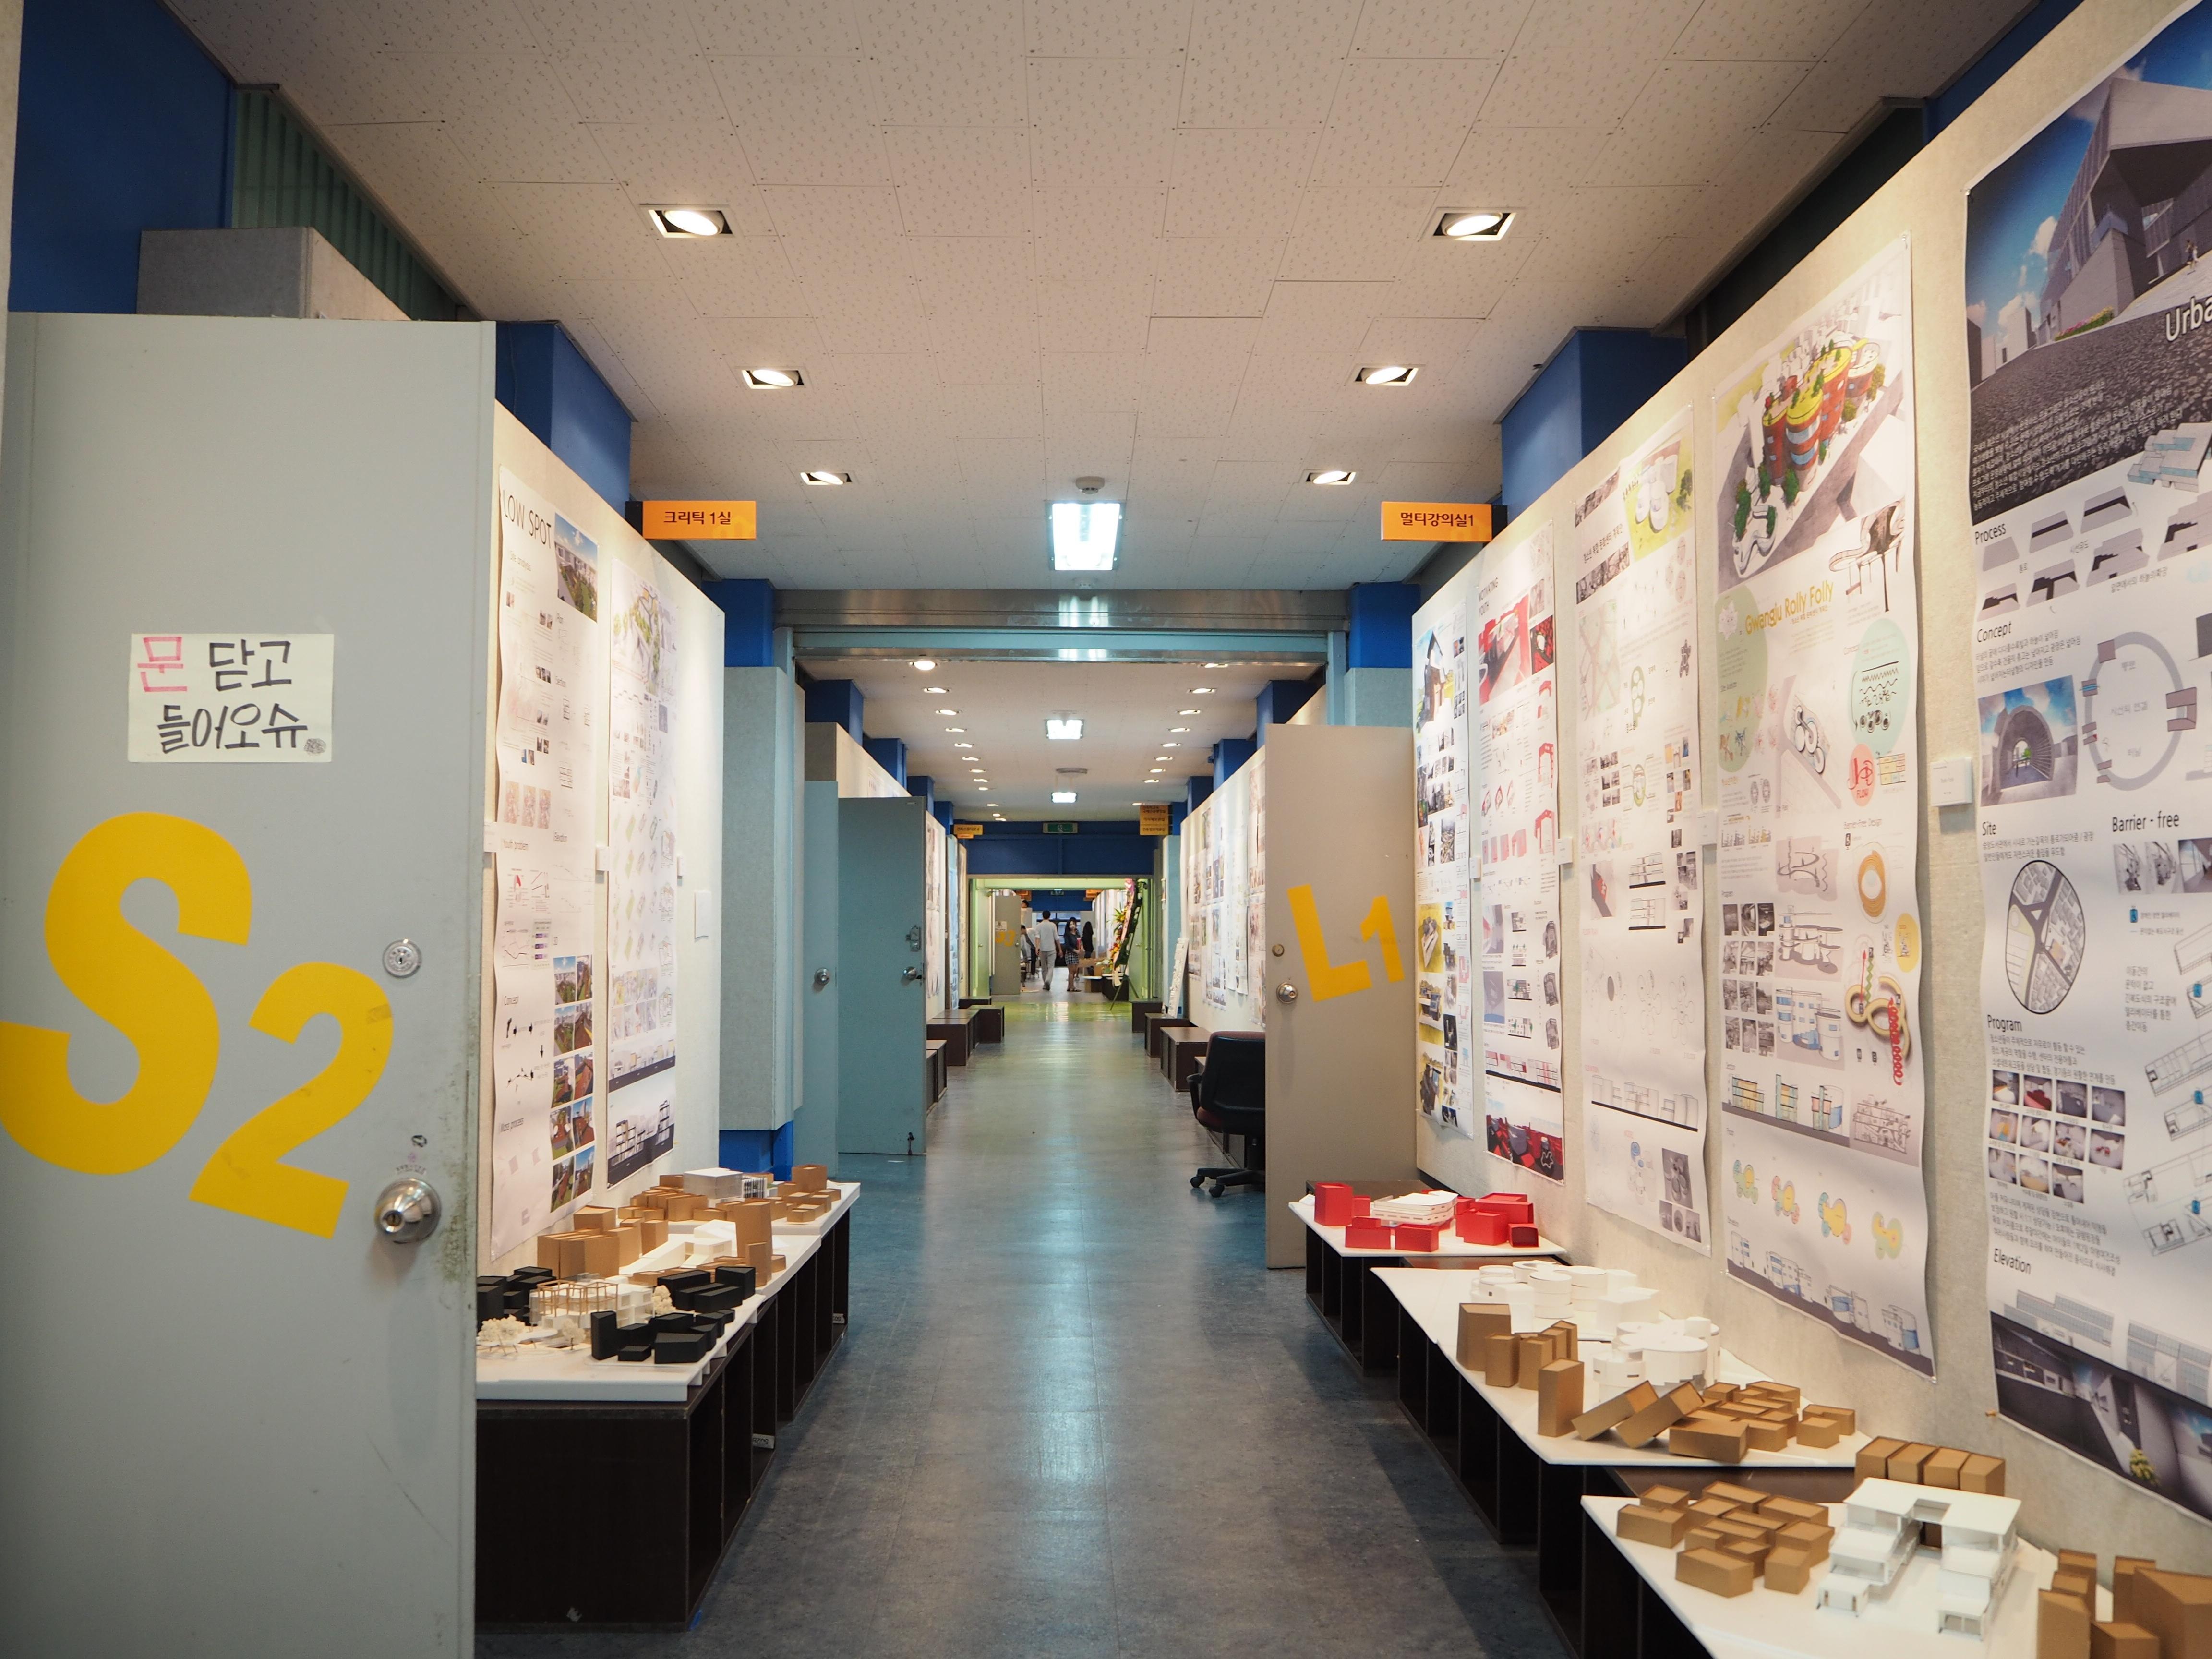 Fotos gratis dise o de interiores exposici n panel for Diseno de interiores departamentos